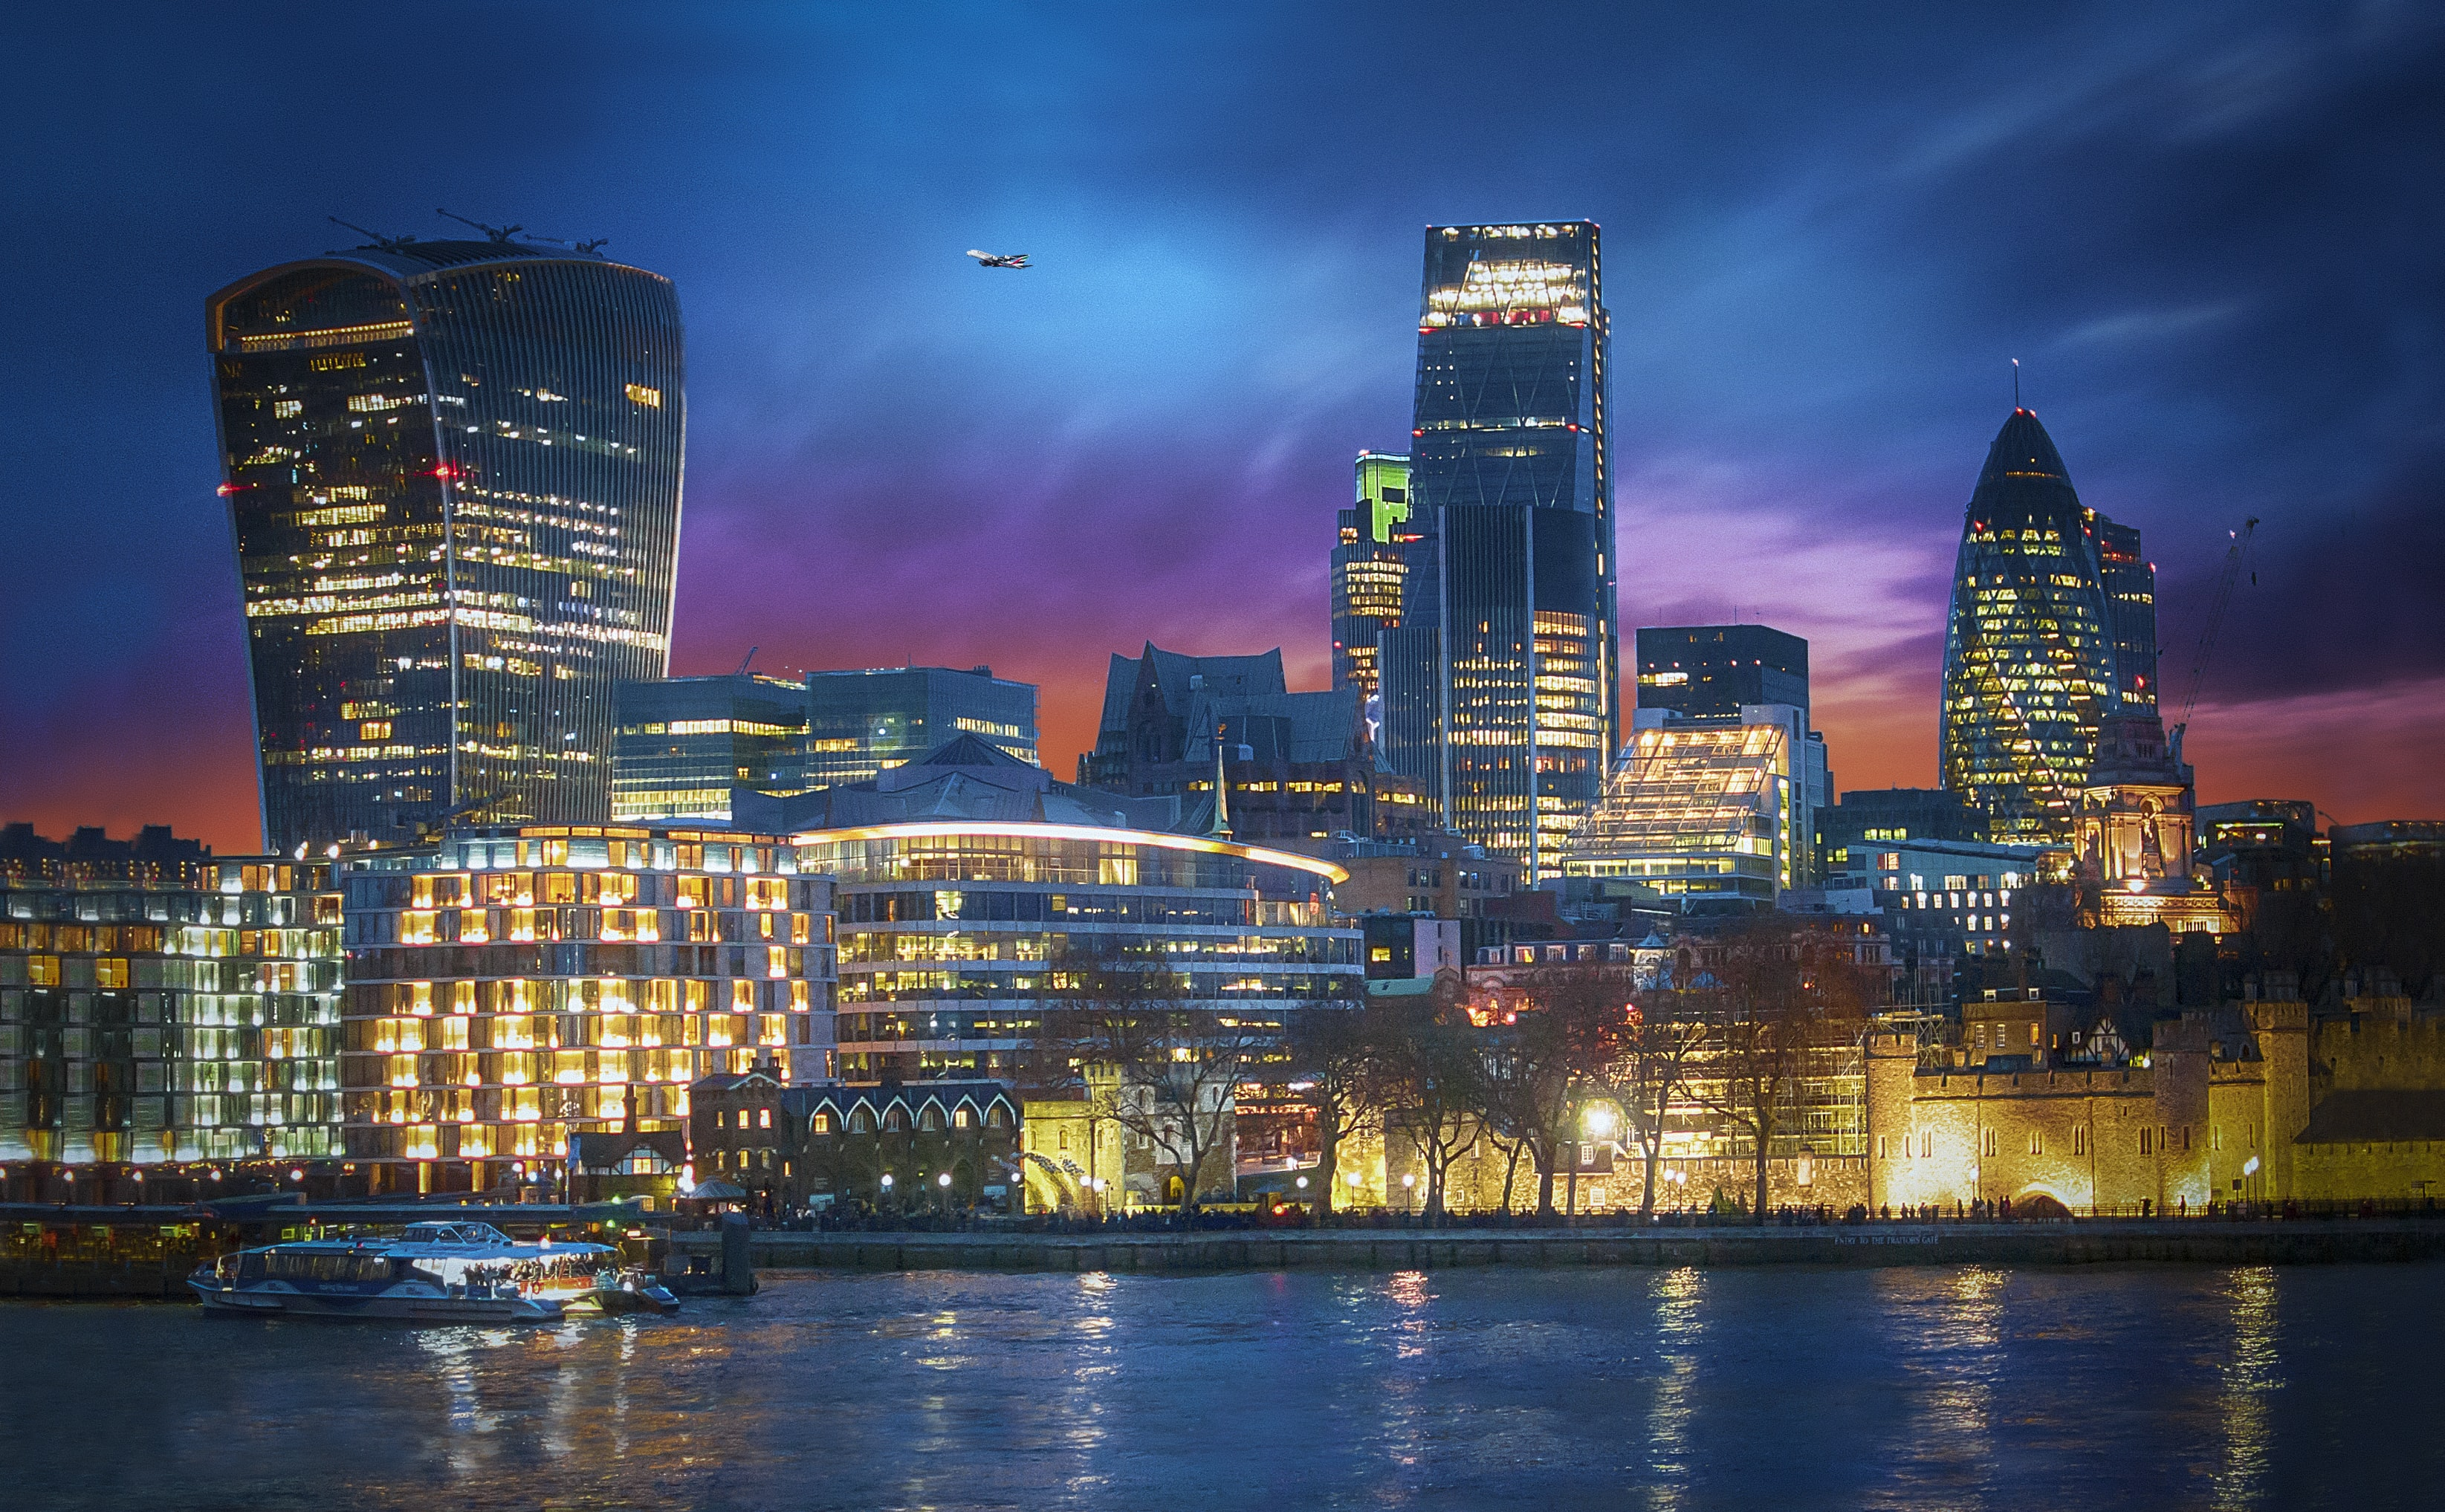 landscape photography of city skyline